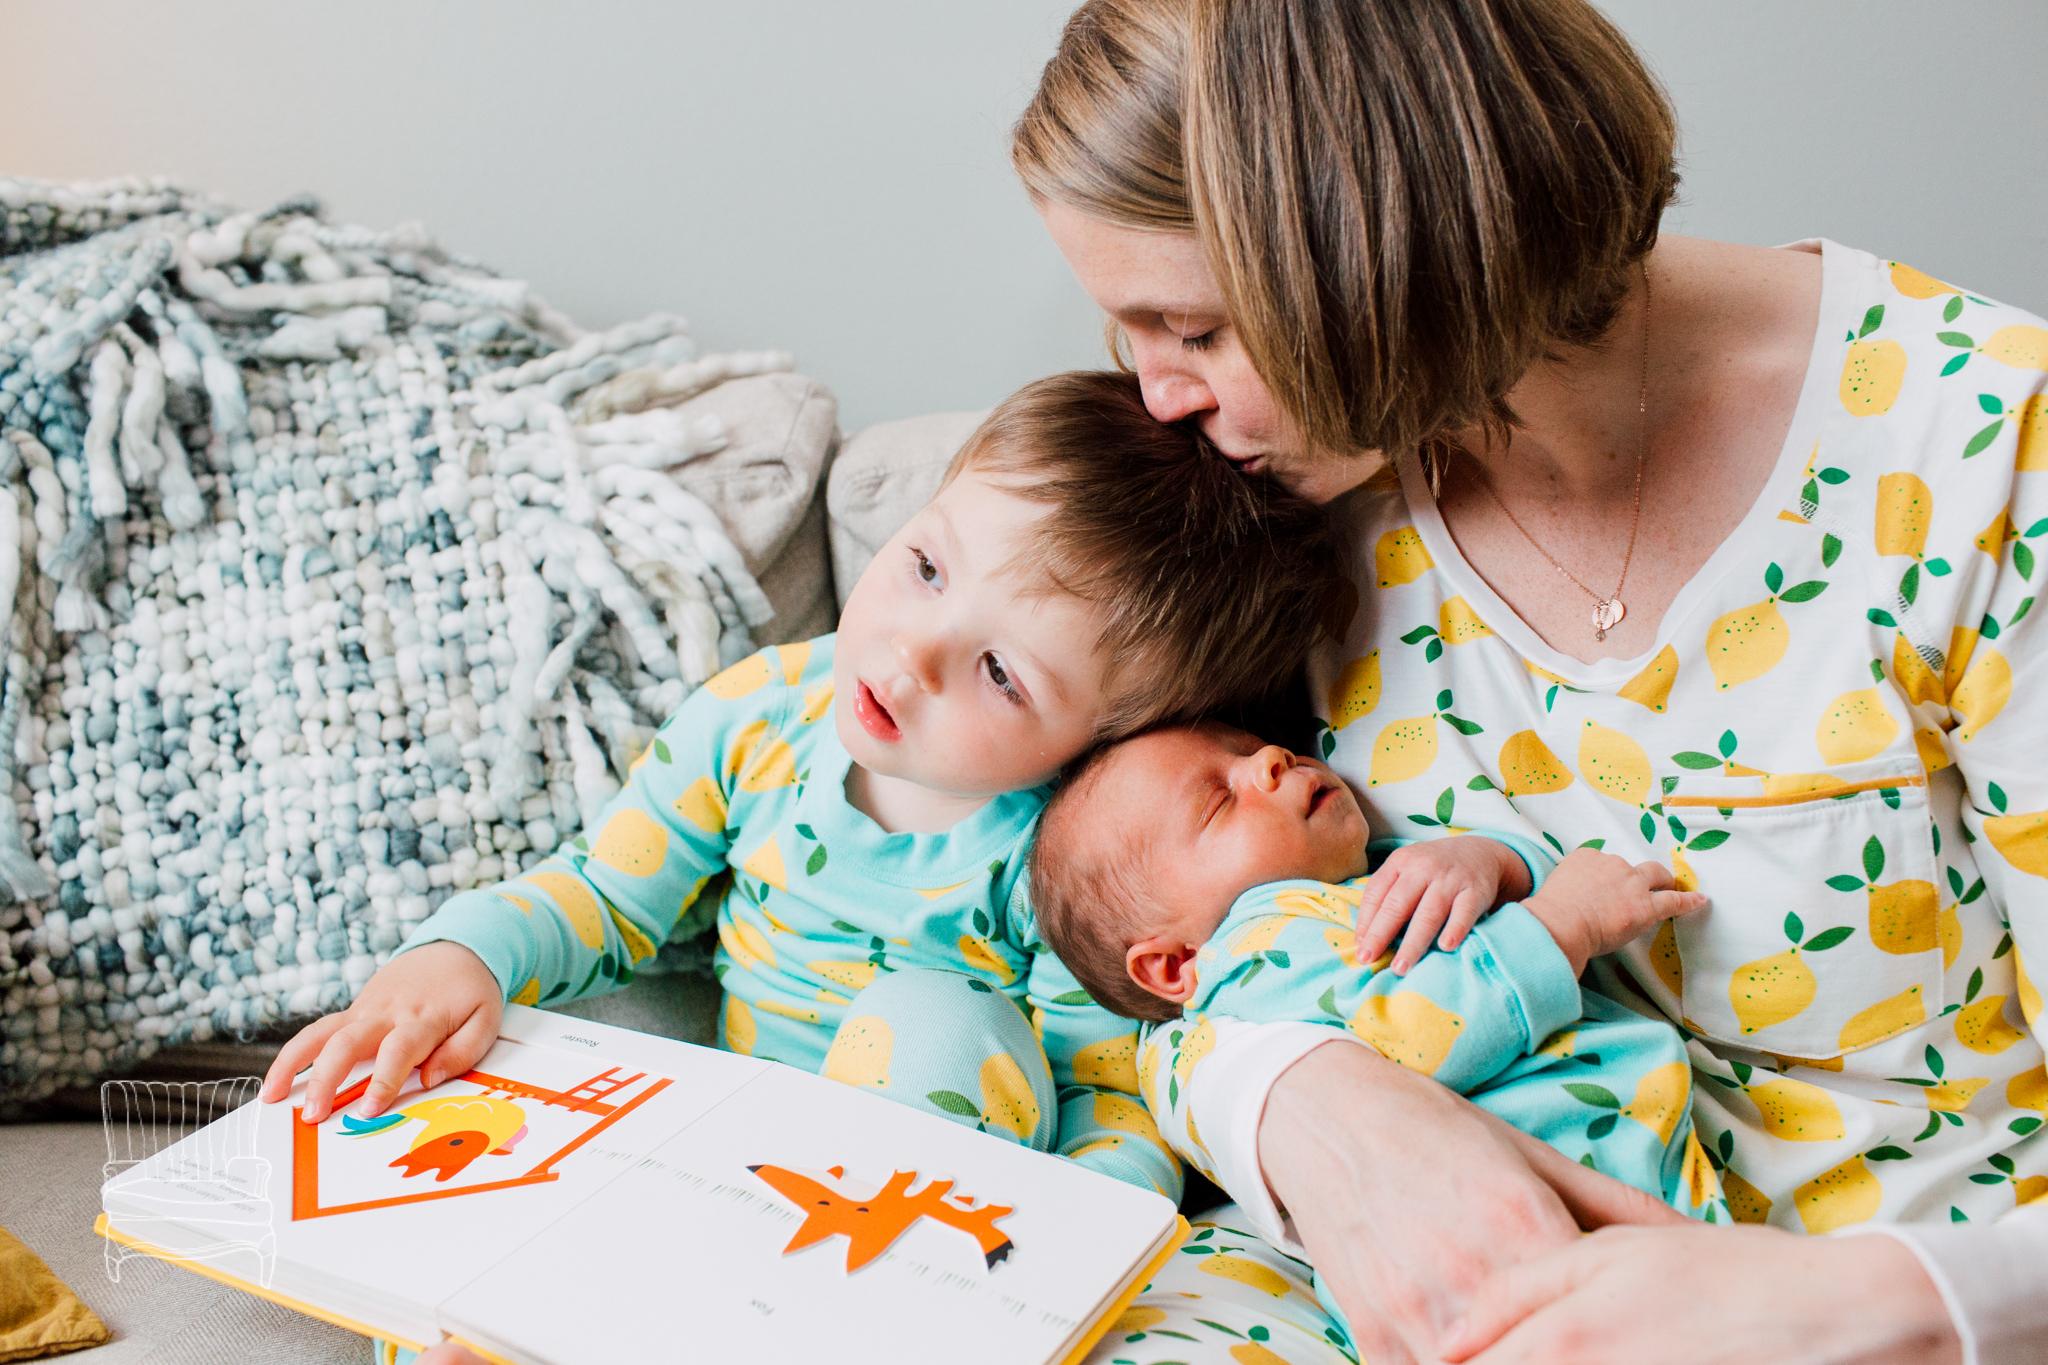 bellingham-newborn-photographer-katheryn-moran-harold-2.jpg